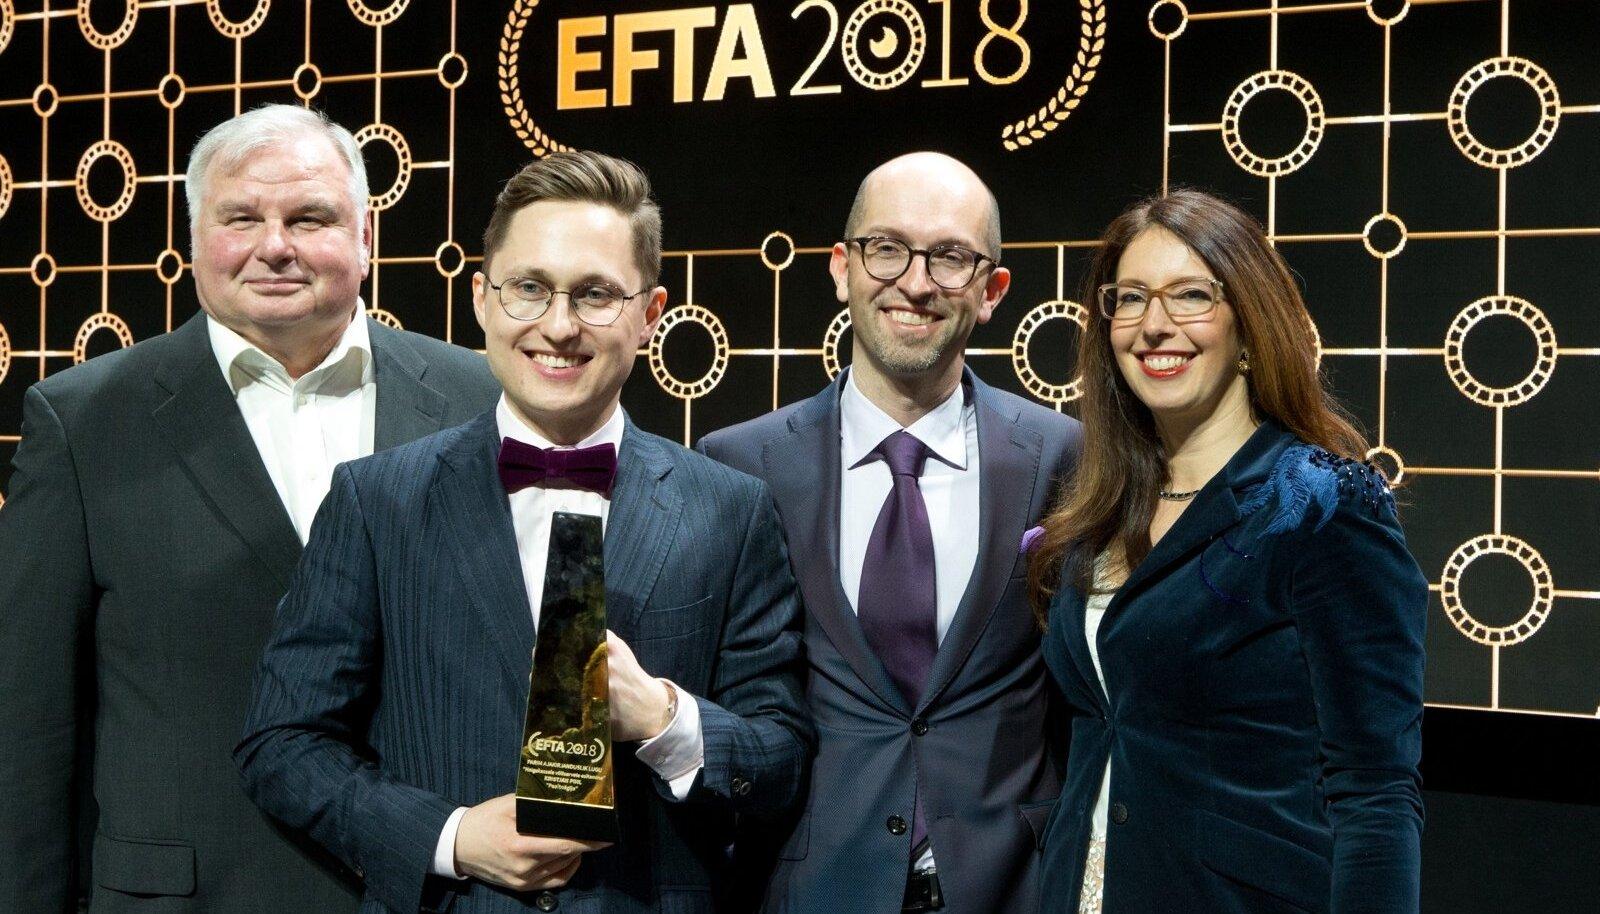 EFTA 2018 gala